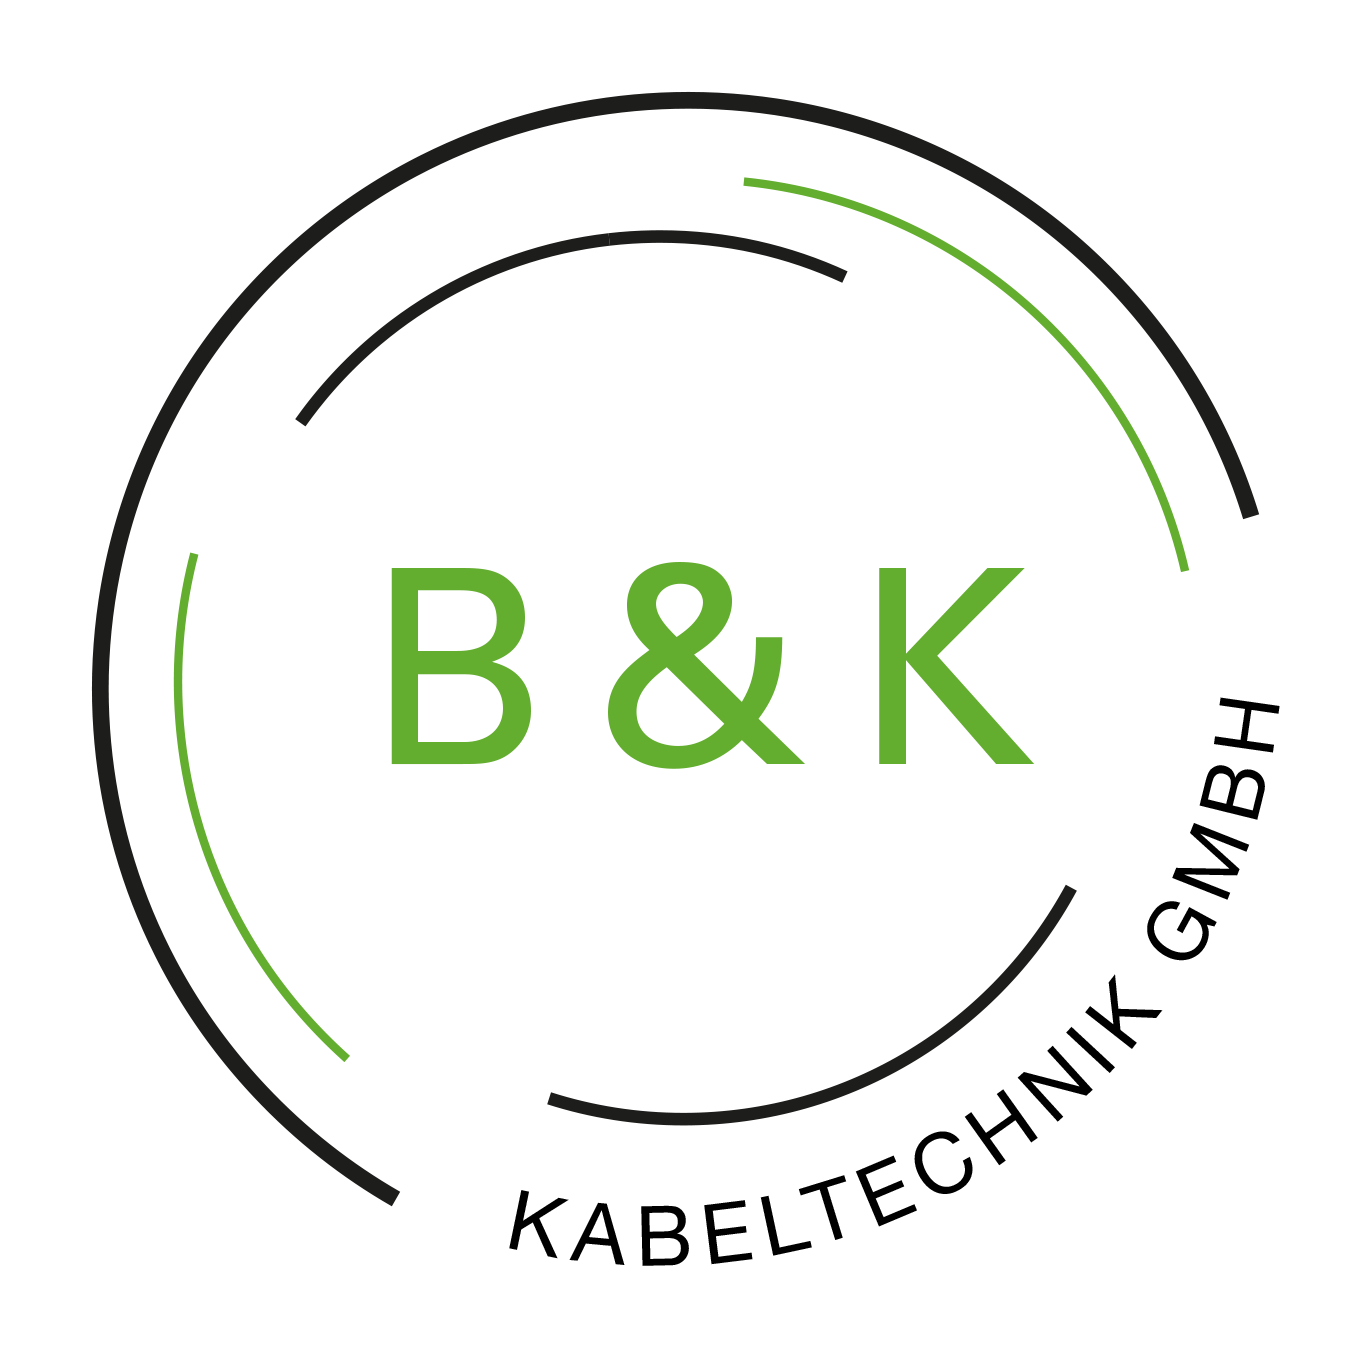 B & K Kabeltechnik GmbH